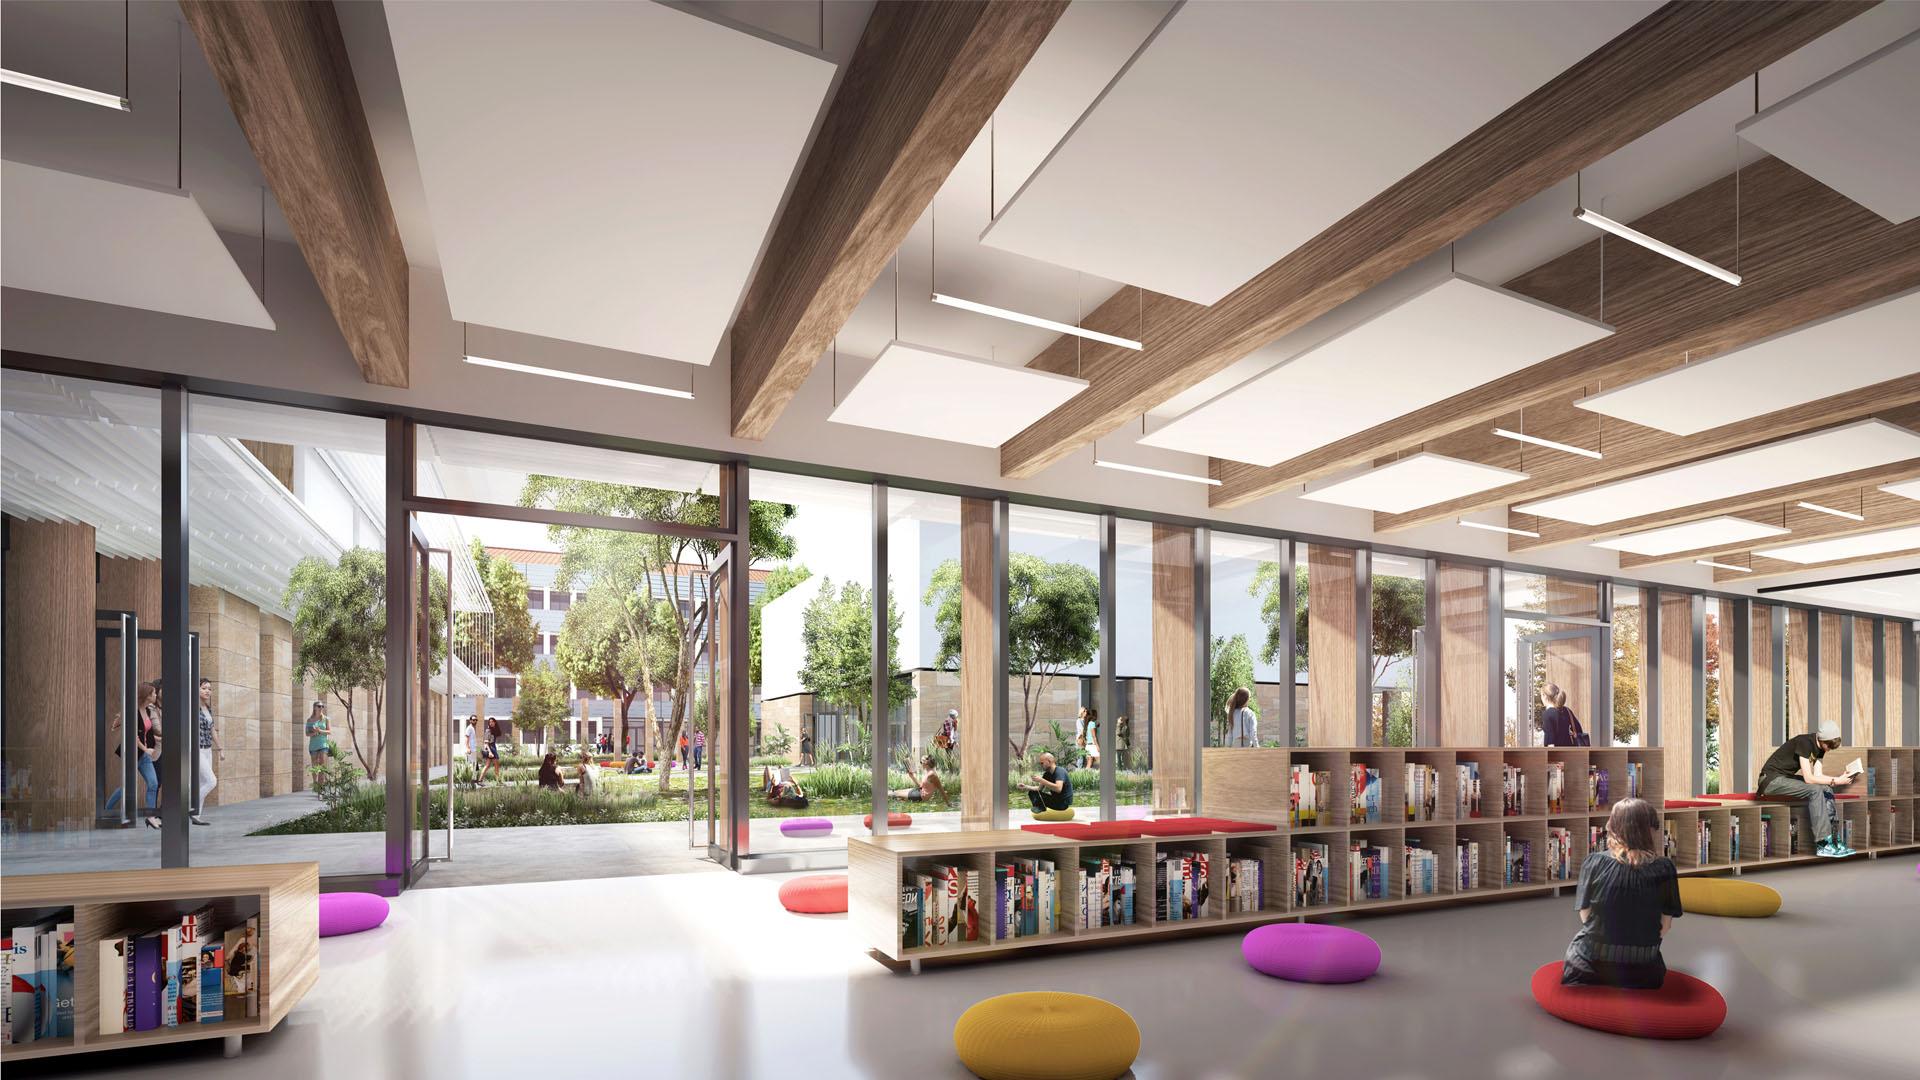 Seuil-Architecture-Construction-Lycée-Bourdelle-05